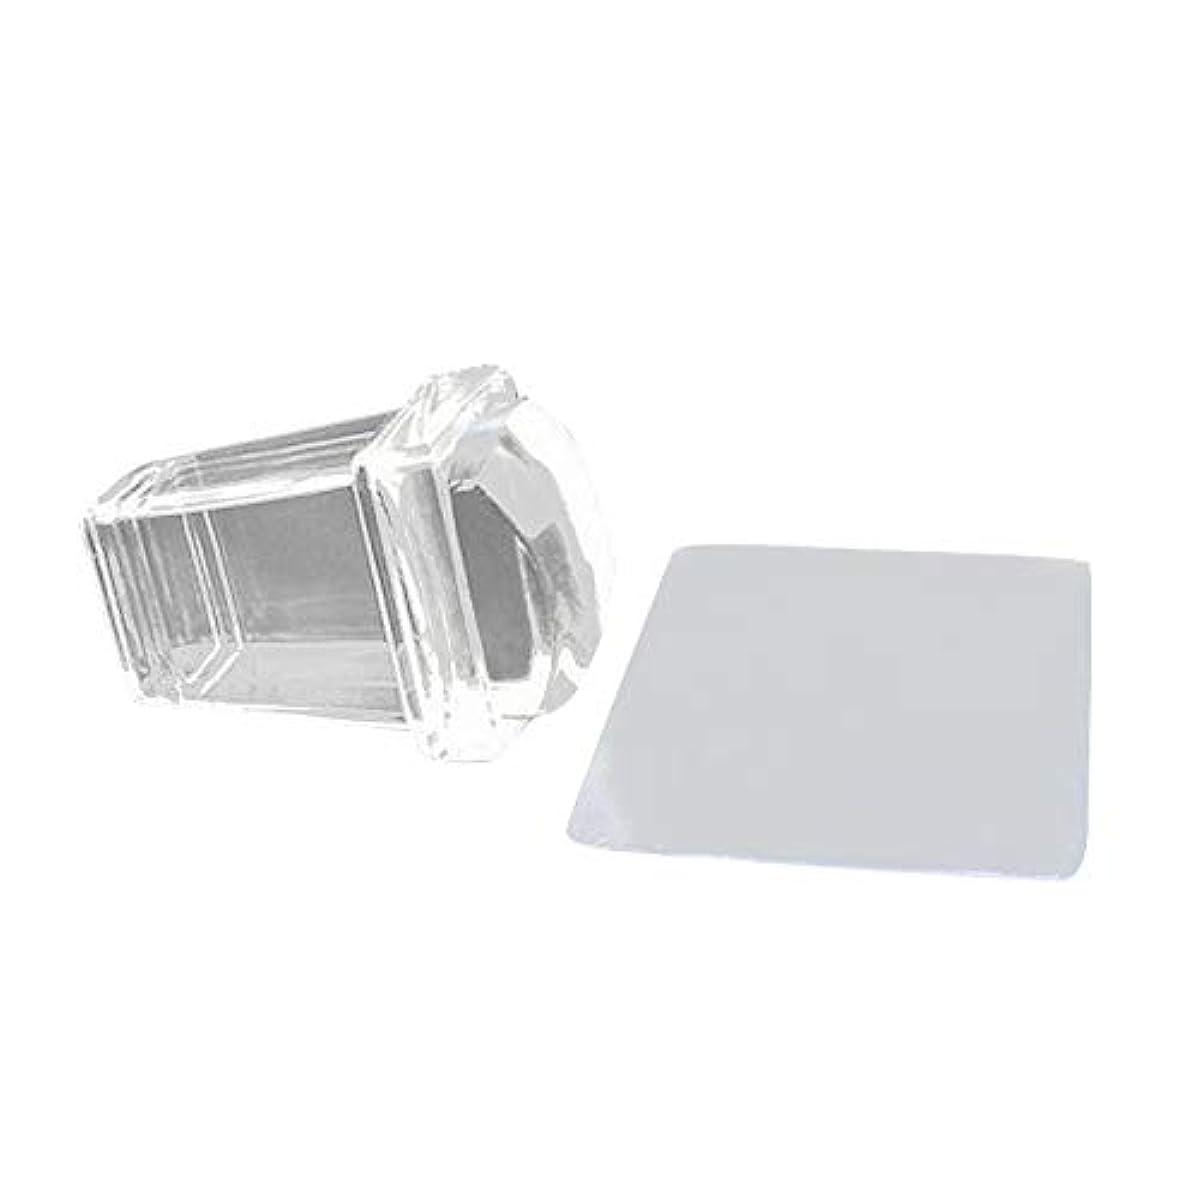 農業クランプラジカルNrpfell 新しい純粋で透明なゼリーシリコンのネイルアートスタンパーとスクレーパーのセット、透明ポリッシュ印刷ネイルのスタンピングツール、ネイルのツール、マニキュア